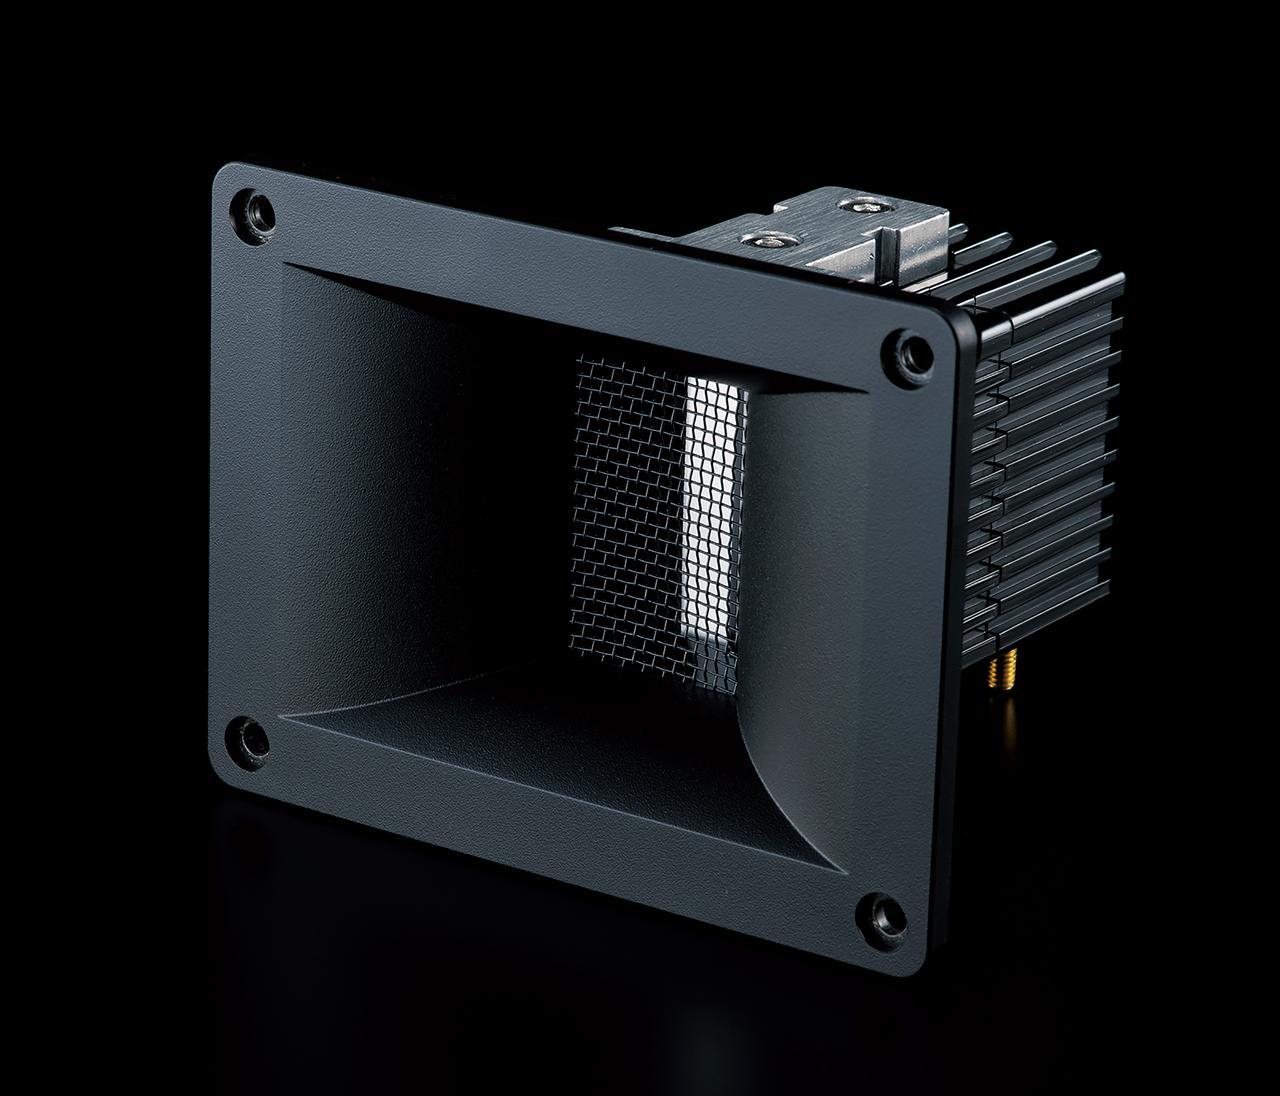 画像2: 【HiViレビュー】エアパルス「A80」はAV再生にきわめてマッチするアクティブスピーカー